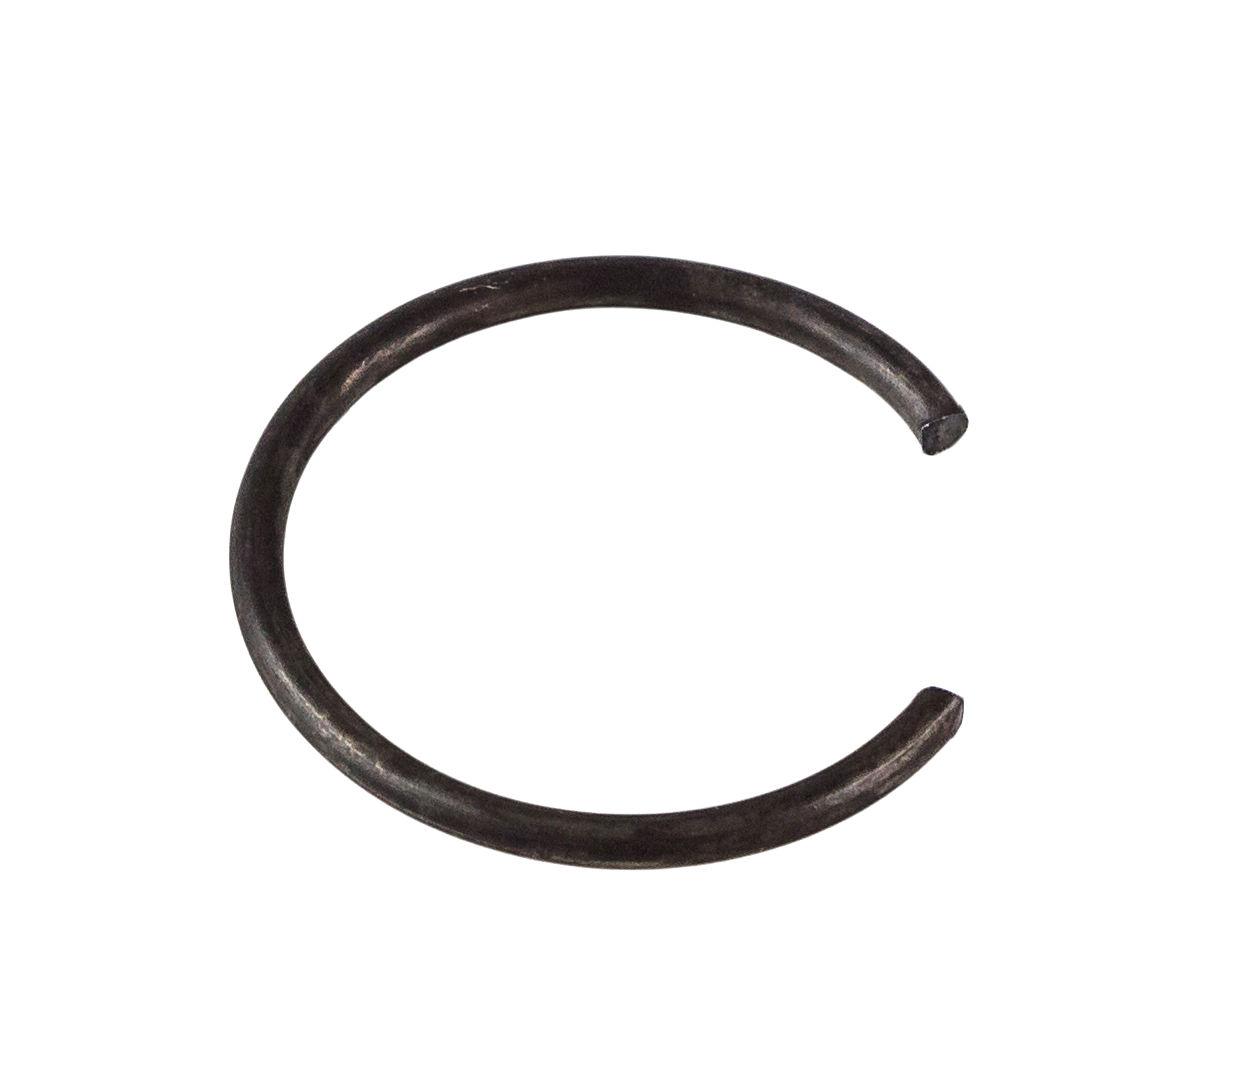 Retaining Ring Piston Pin Tohatsu M70/90, MD70/90/353000241